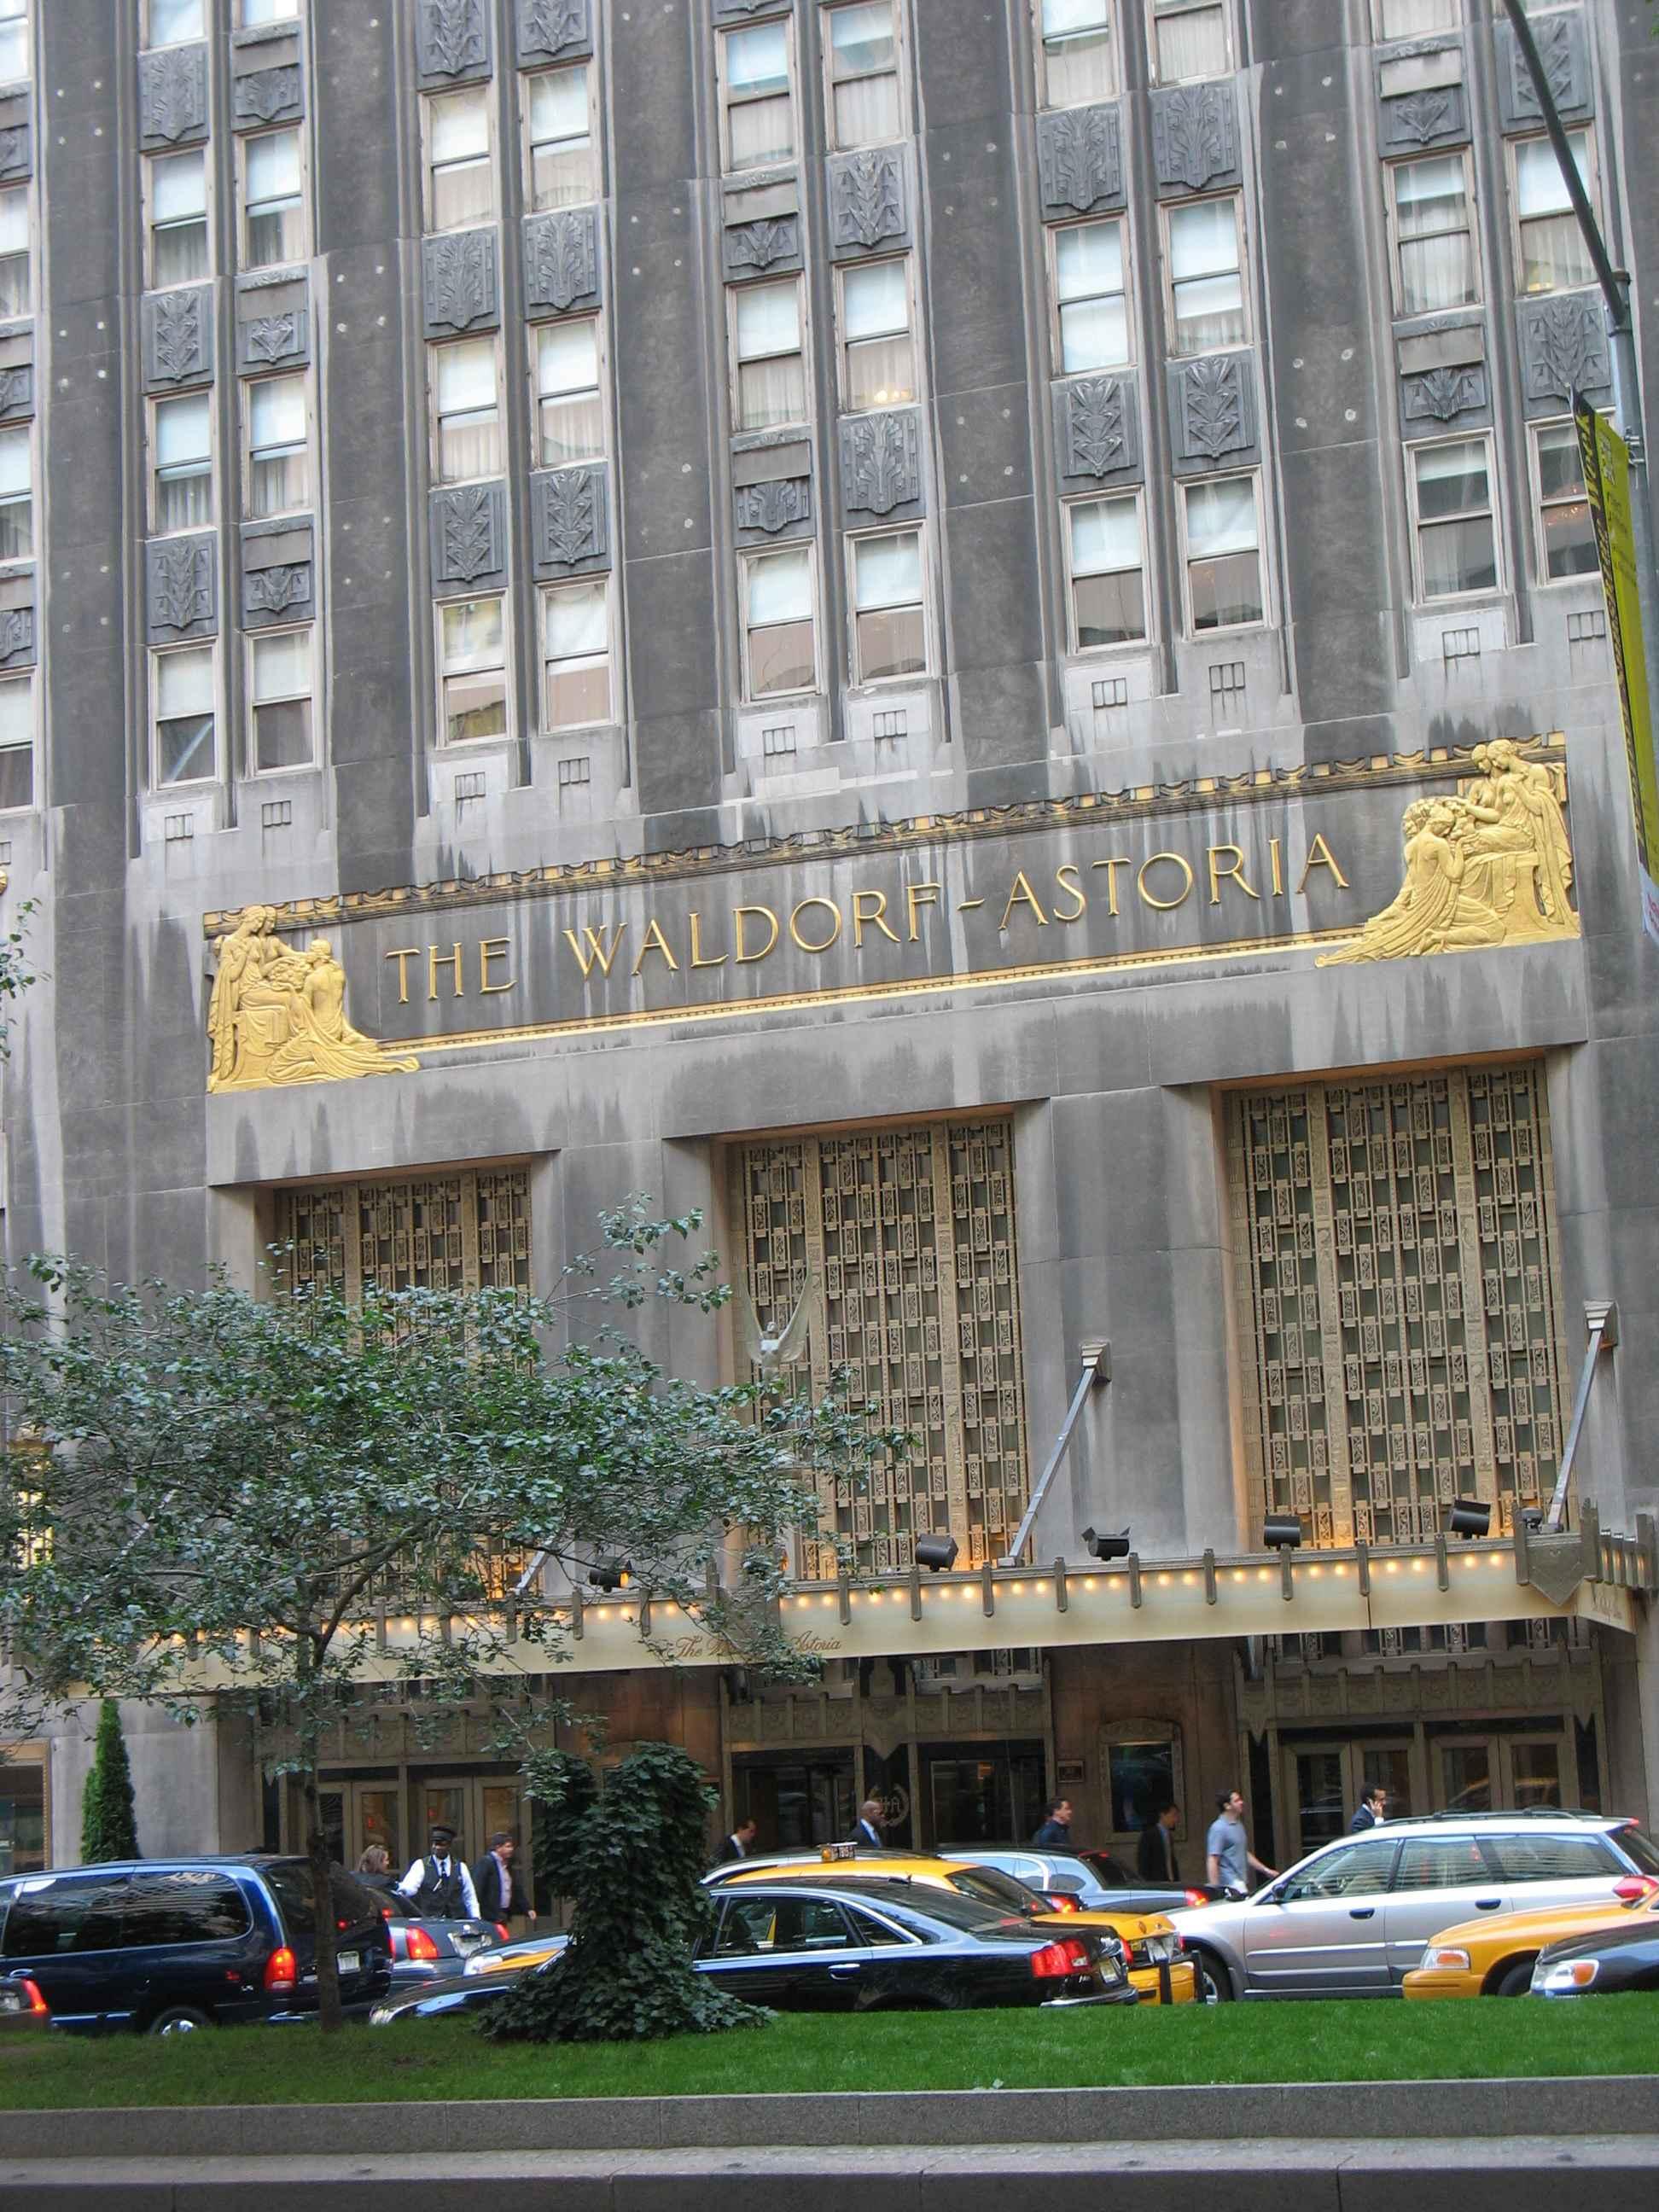 Waldorf astoria new york coupons